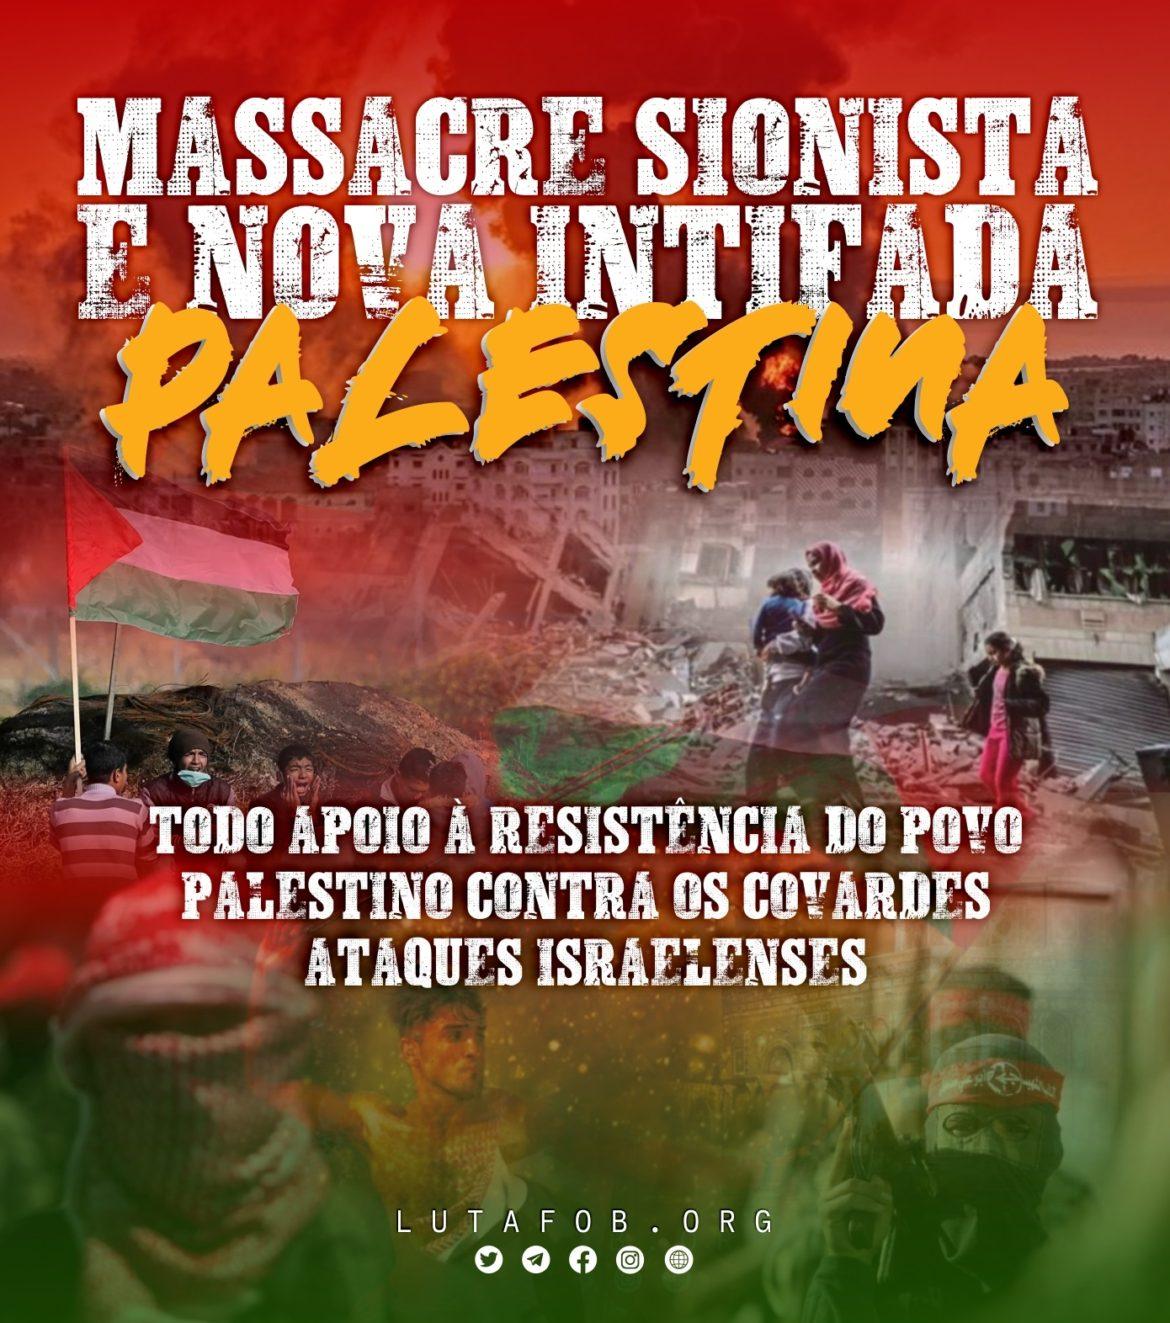 Massacre sionista e nova intifada: todo apoio à resistência do povo palestino contra os covardes ataques israelenses